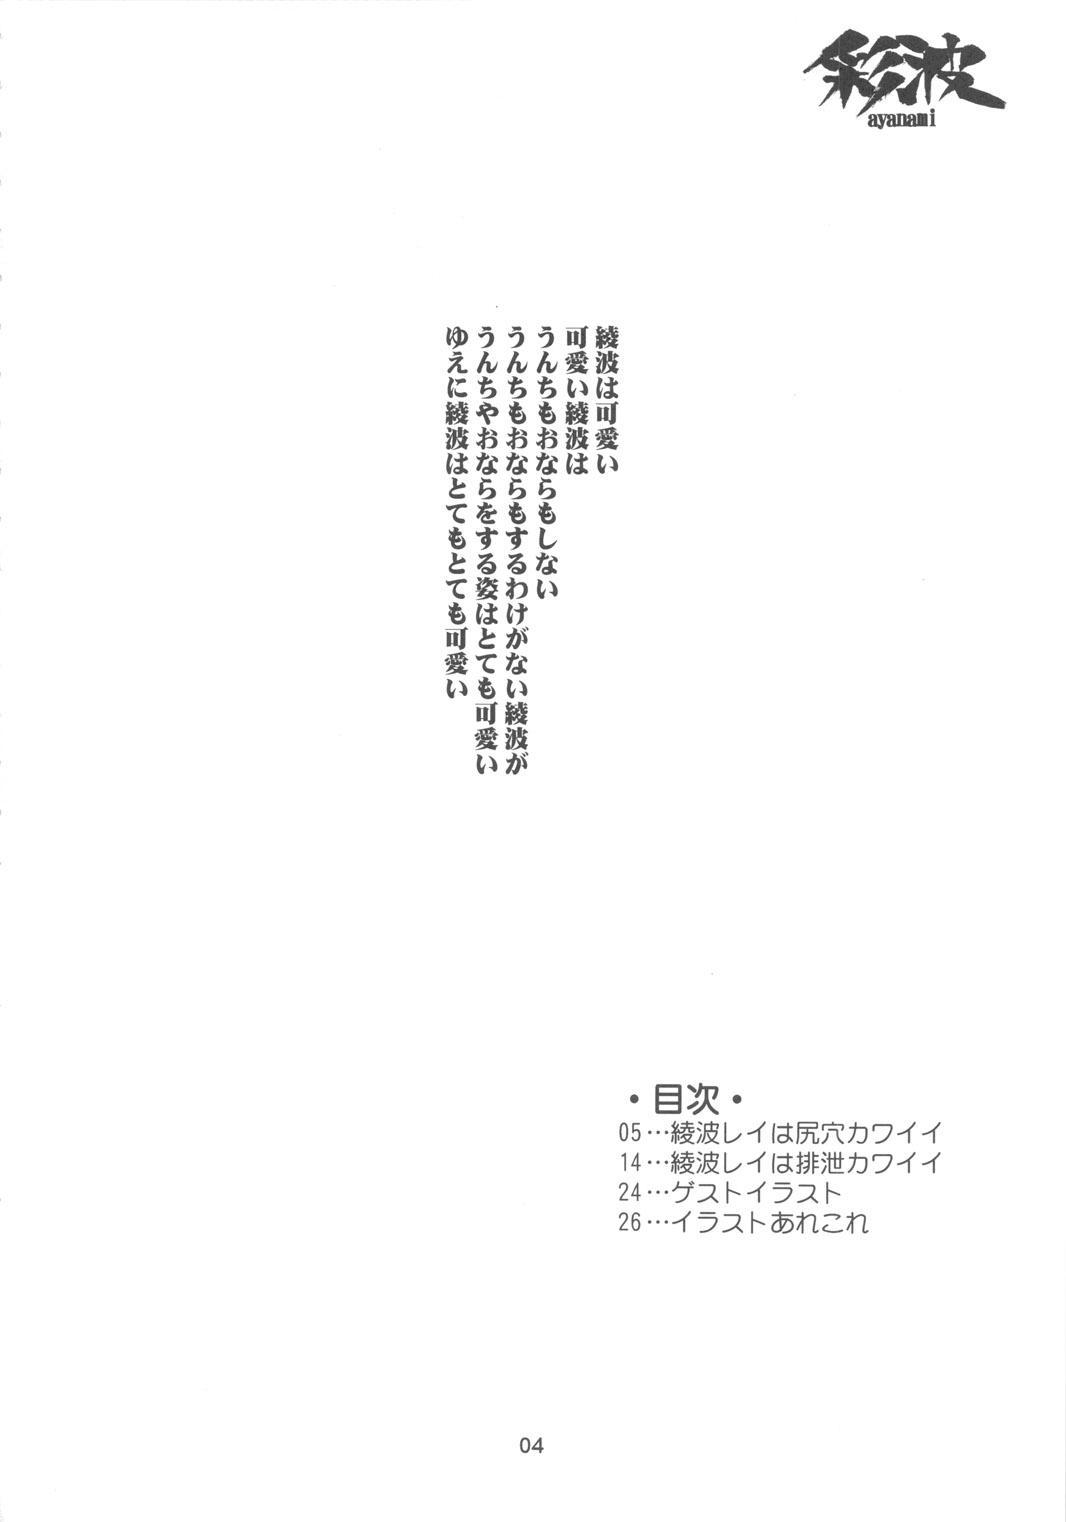 Ayanami 2